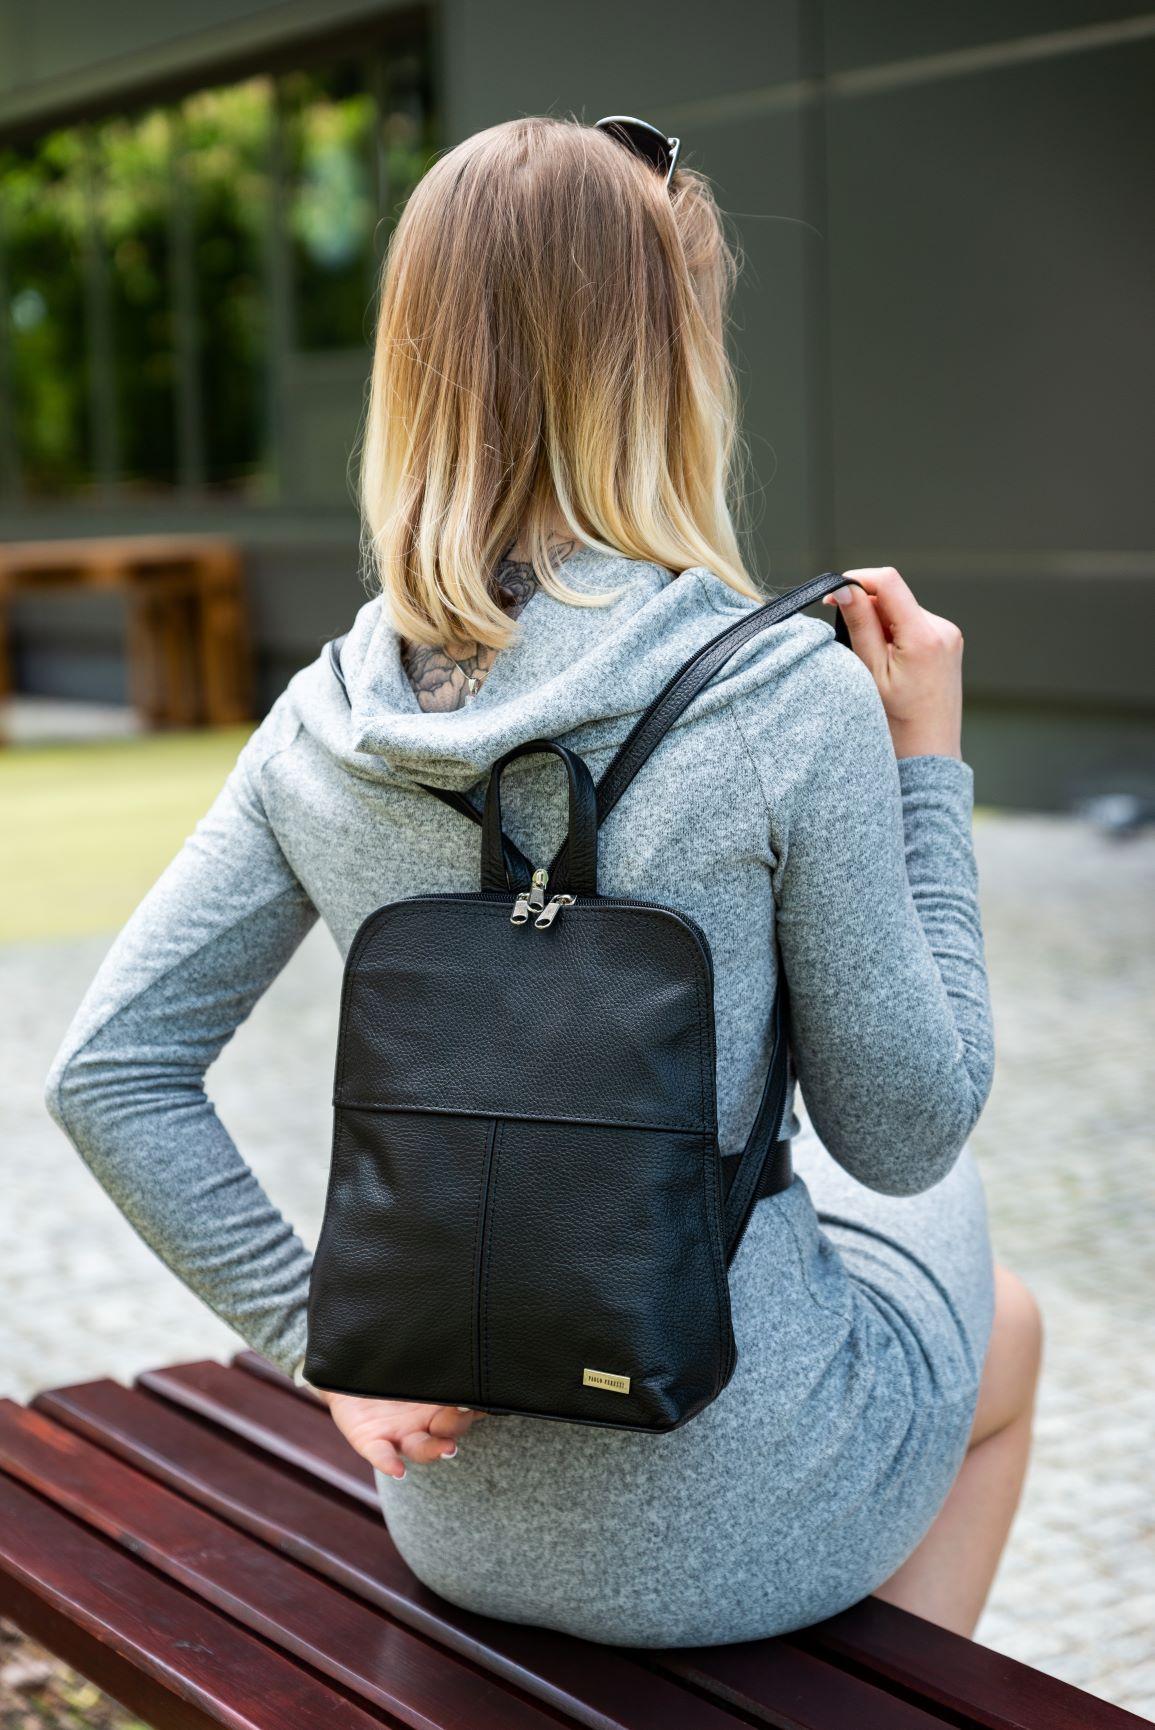 Top 3 modele plecaków dla Pań, które powinny znaleźć się w garderobie każdej modnej kobiety - Zdjęcie główne